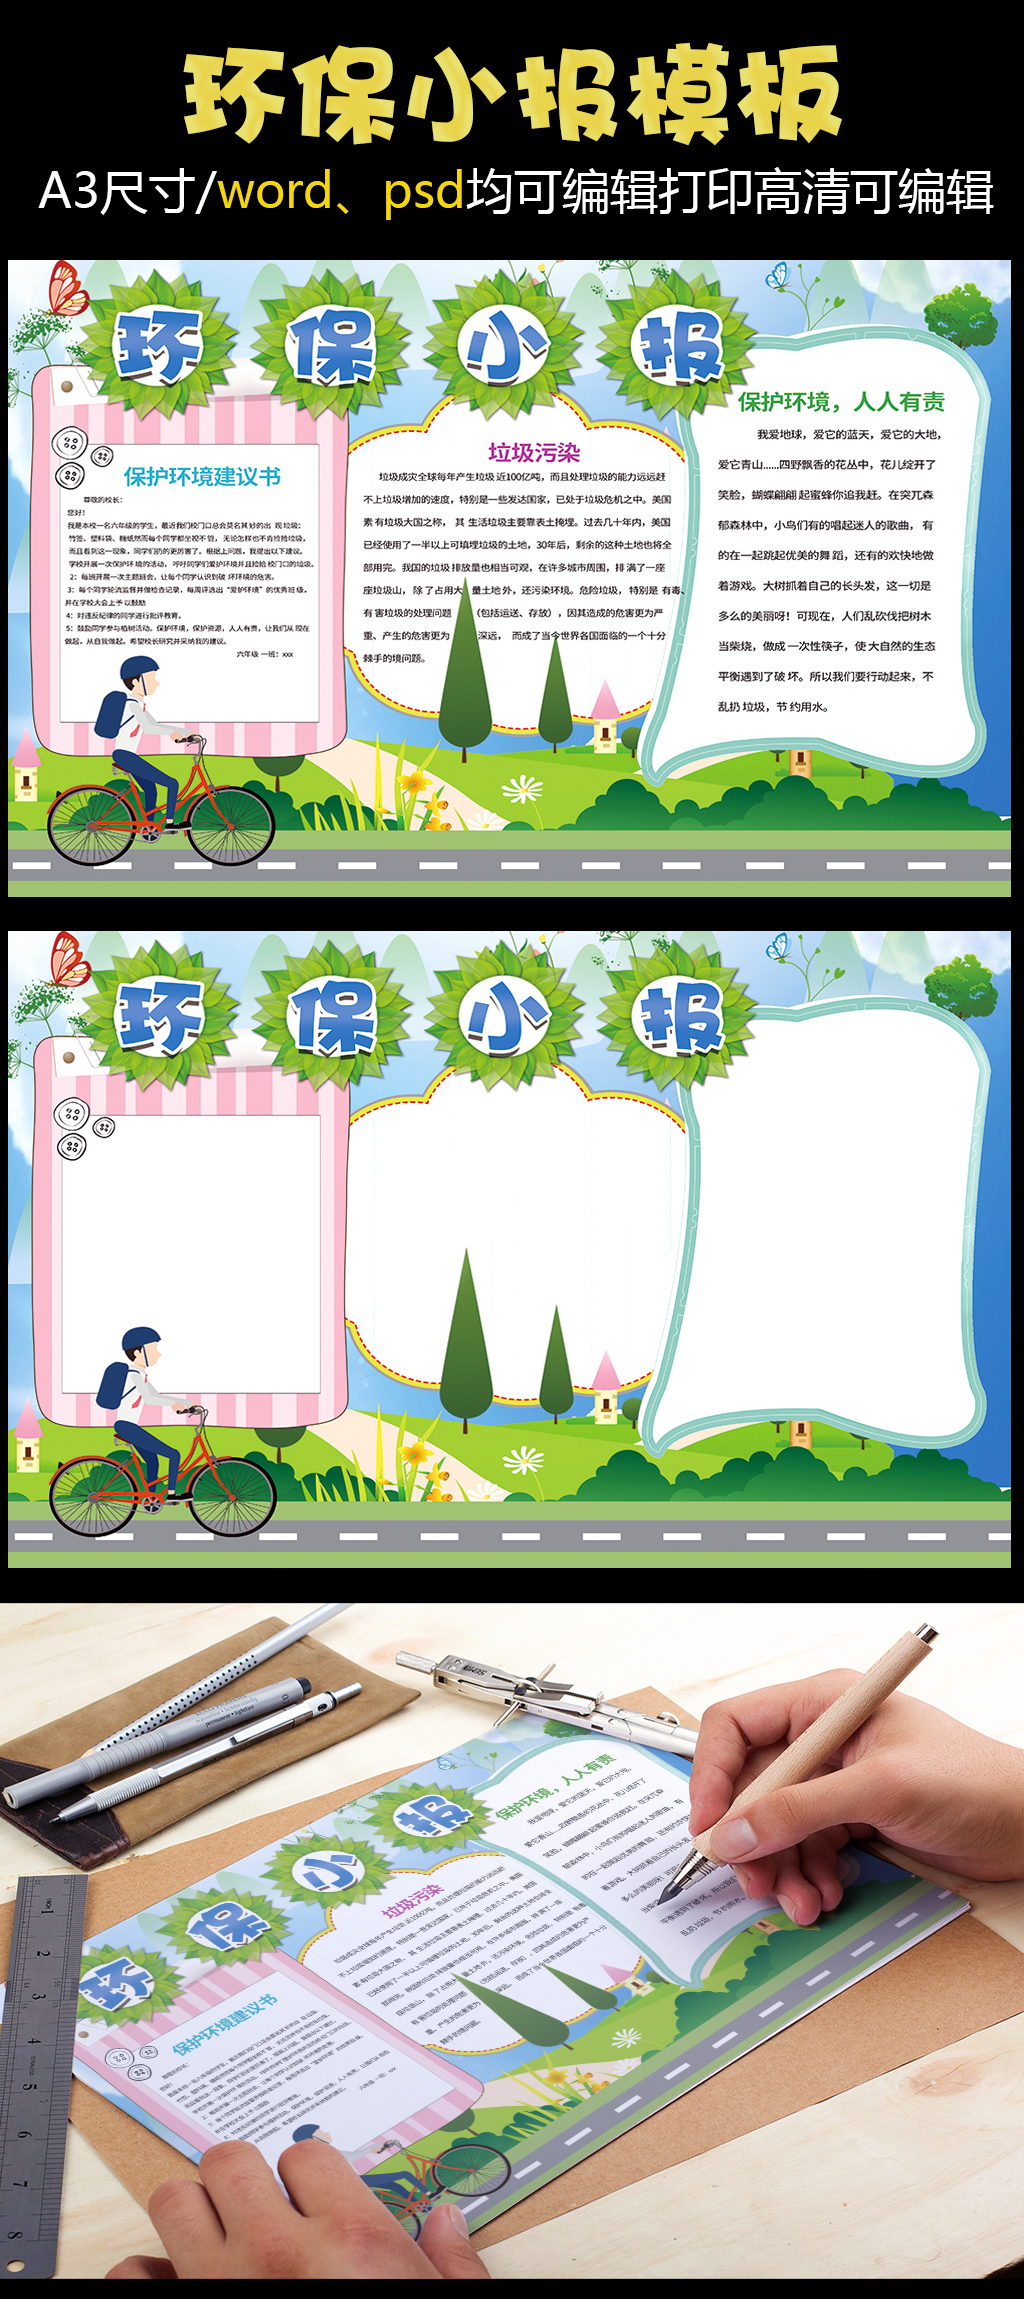 保护环境节能环保小报花边模板图片设计素材_高清psd